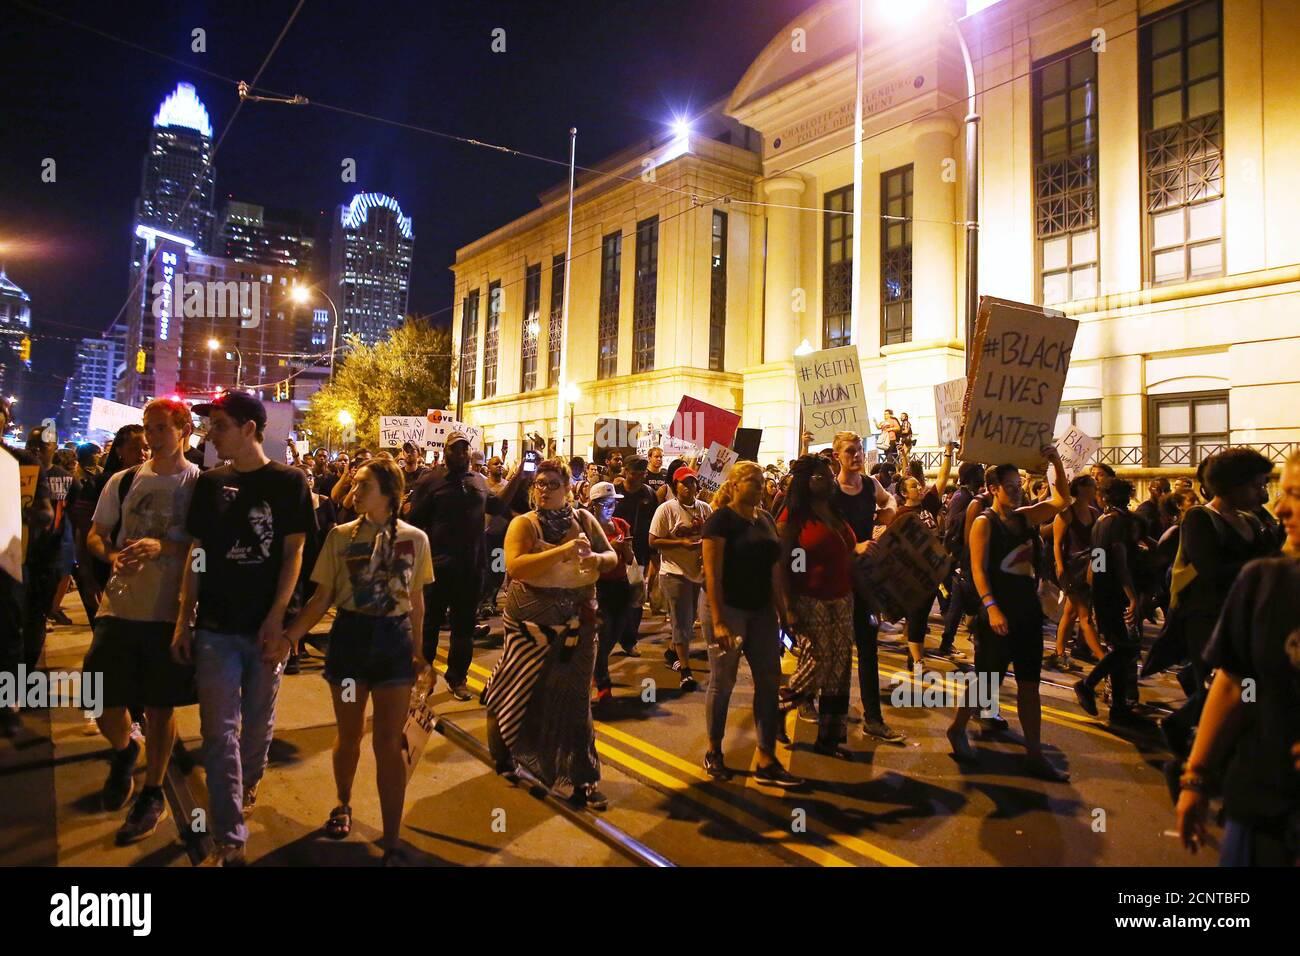 Demonstranten marschieren an der Polizeistation vorbei, während einer weiteren Nacht von Protesten über die Schüsse der Polizei auf Keith Scott in Charlotte, North Carolina, USA, 24. September 2016. REUTERS/Mike Blake Stockfoto